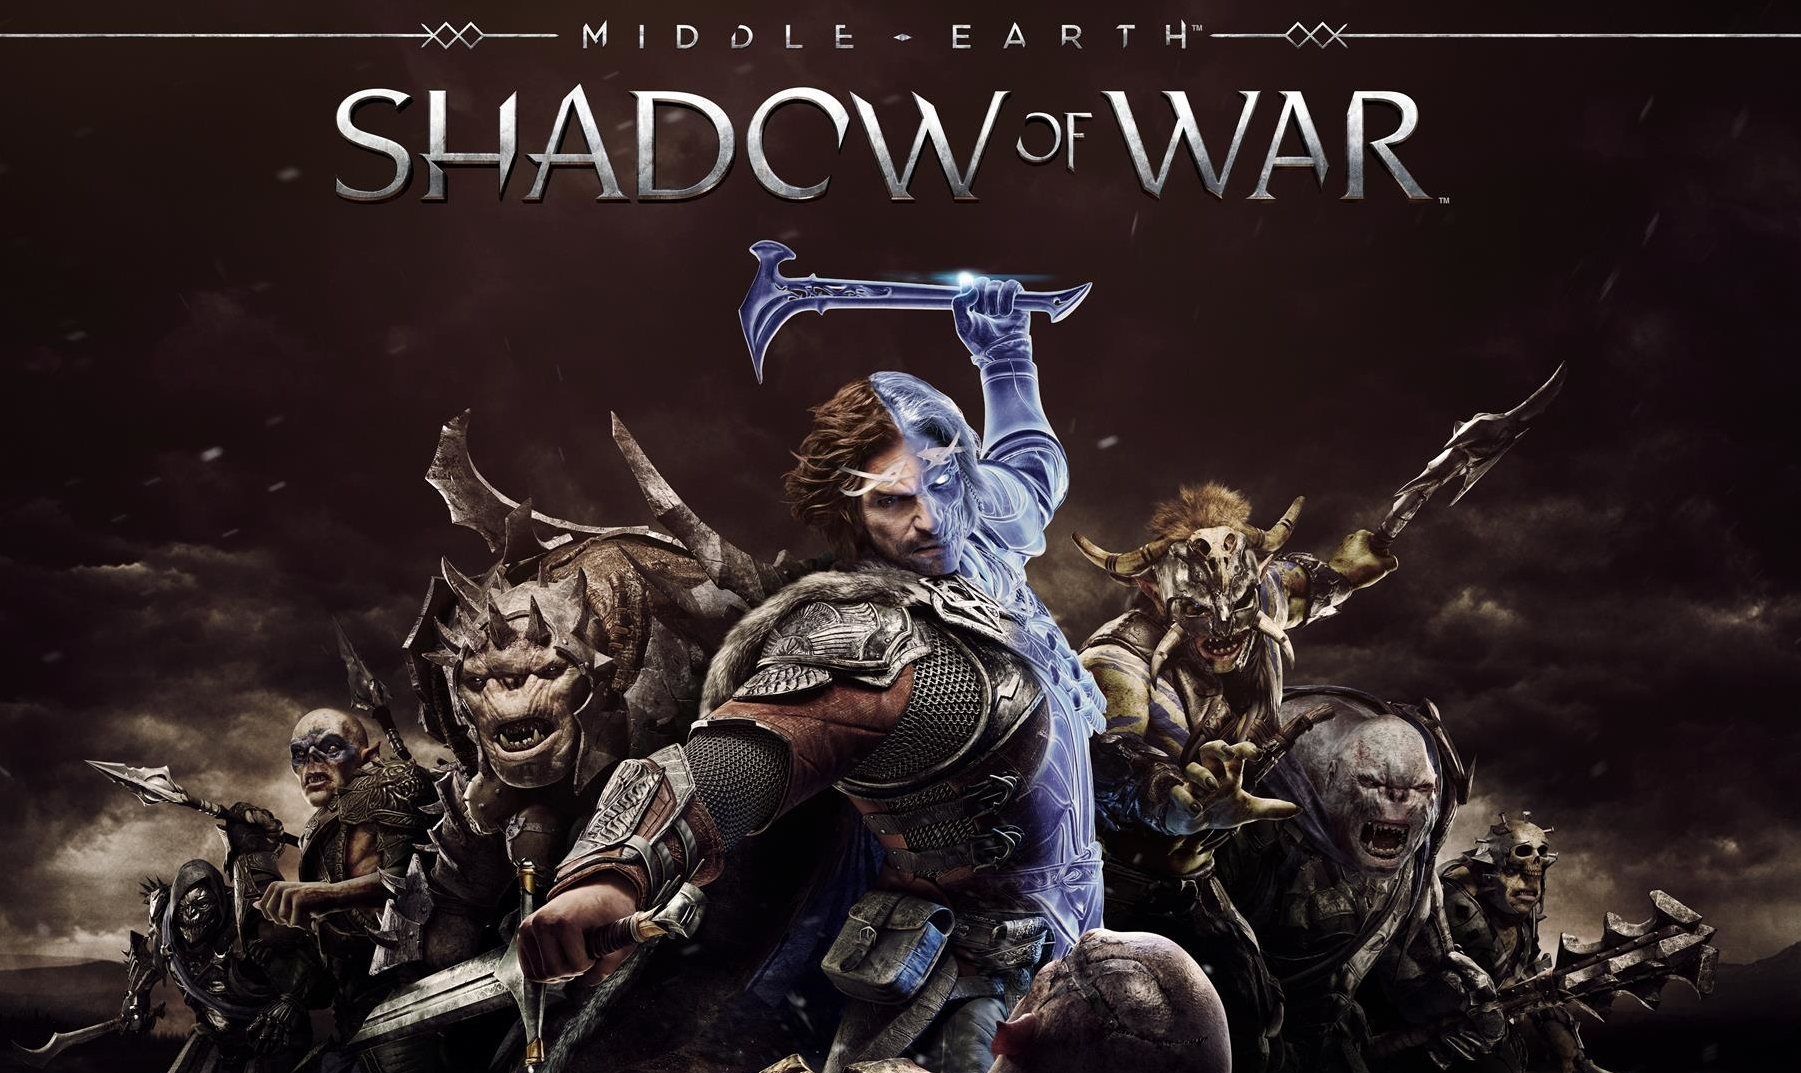 Middle-earth: Shadow of War ile ilgili görsel sonucu